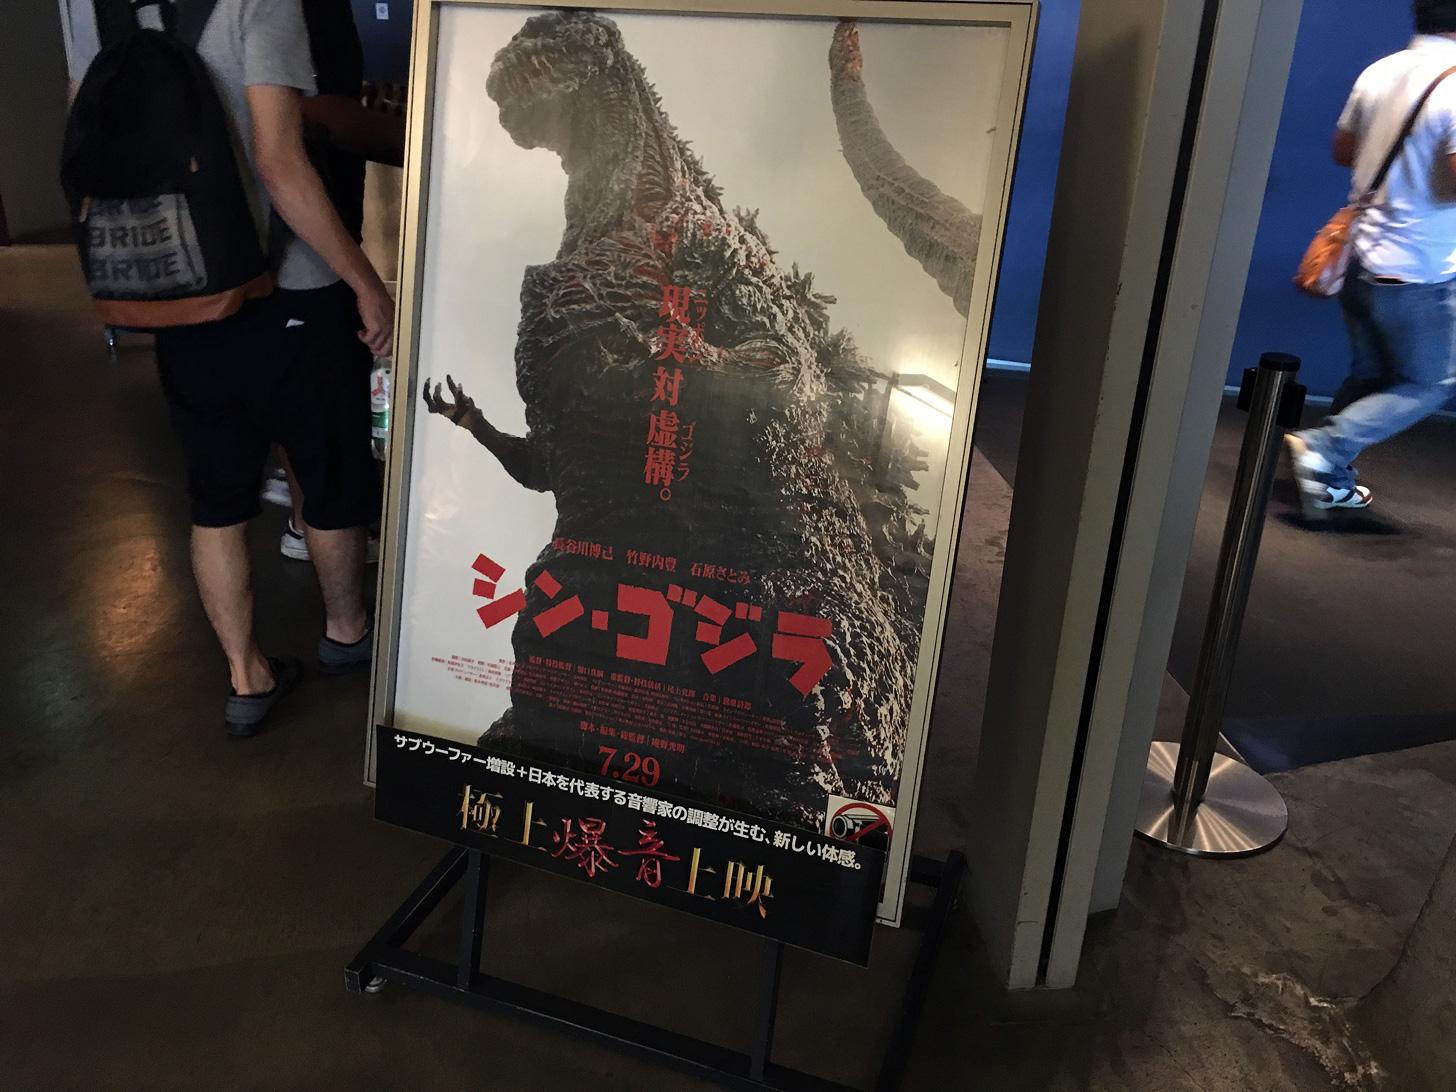 シン・ゴジラの立川シネマシティ「極上爆音上映」に行ってきた。